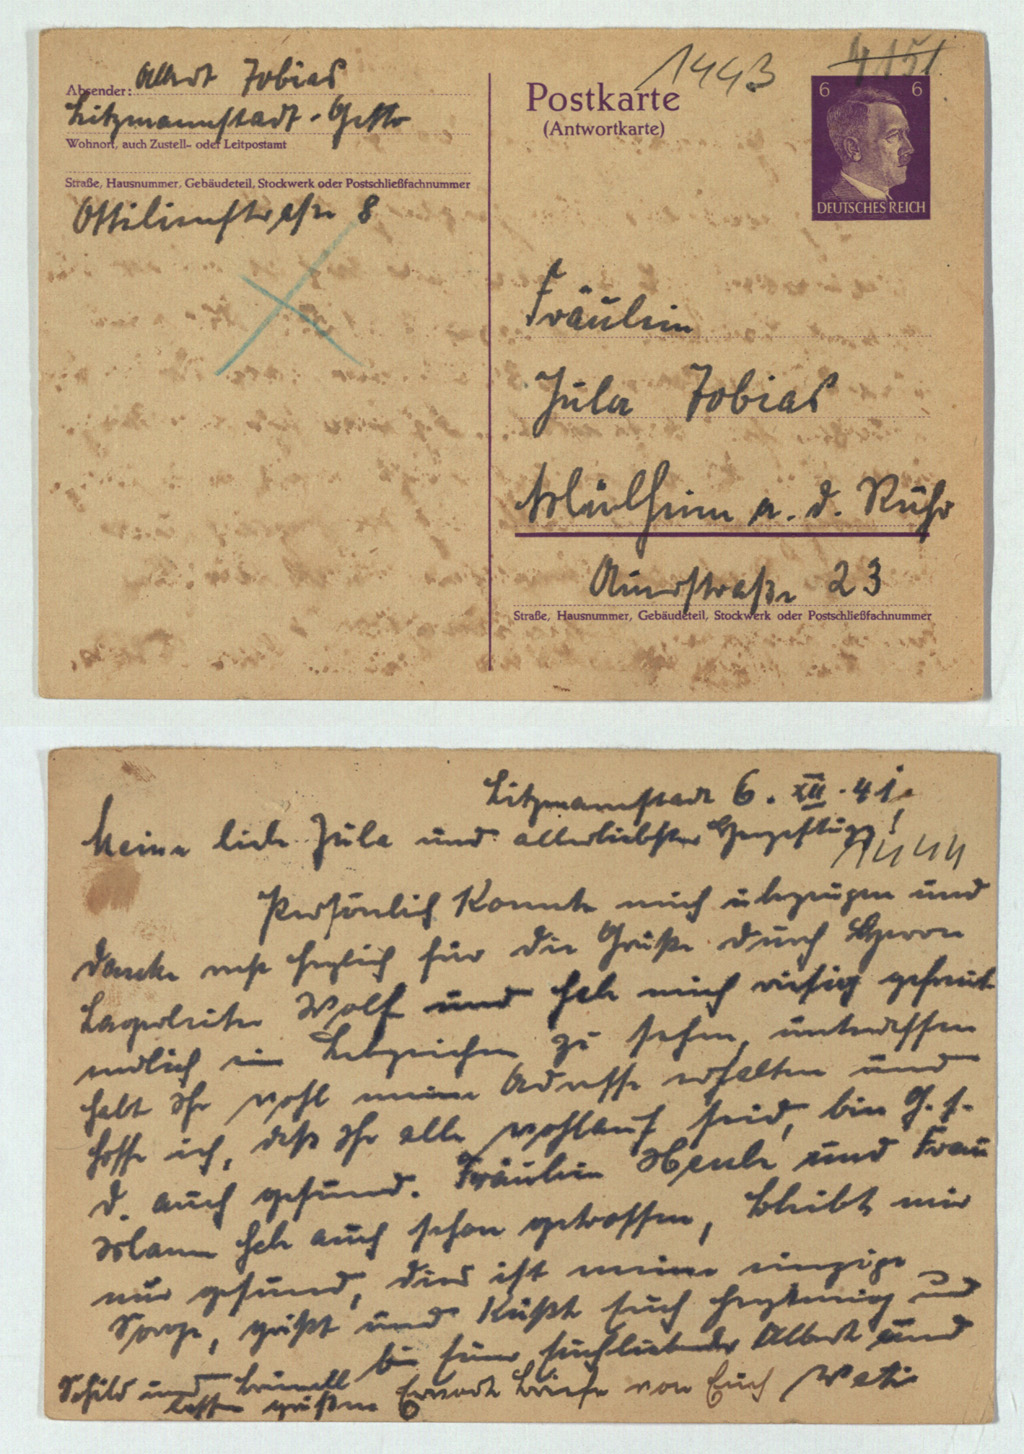 Postkarte an Julie